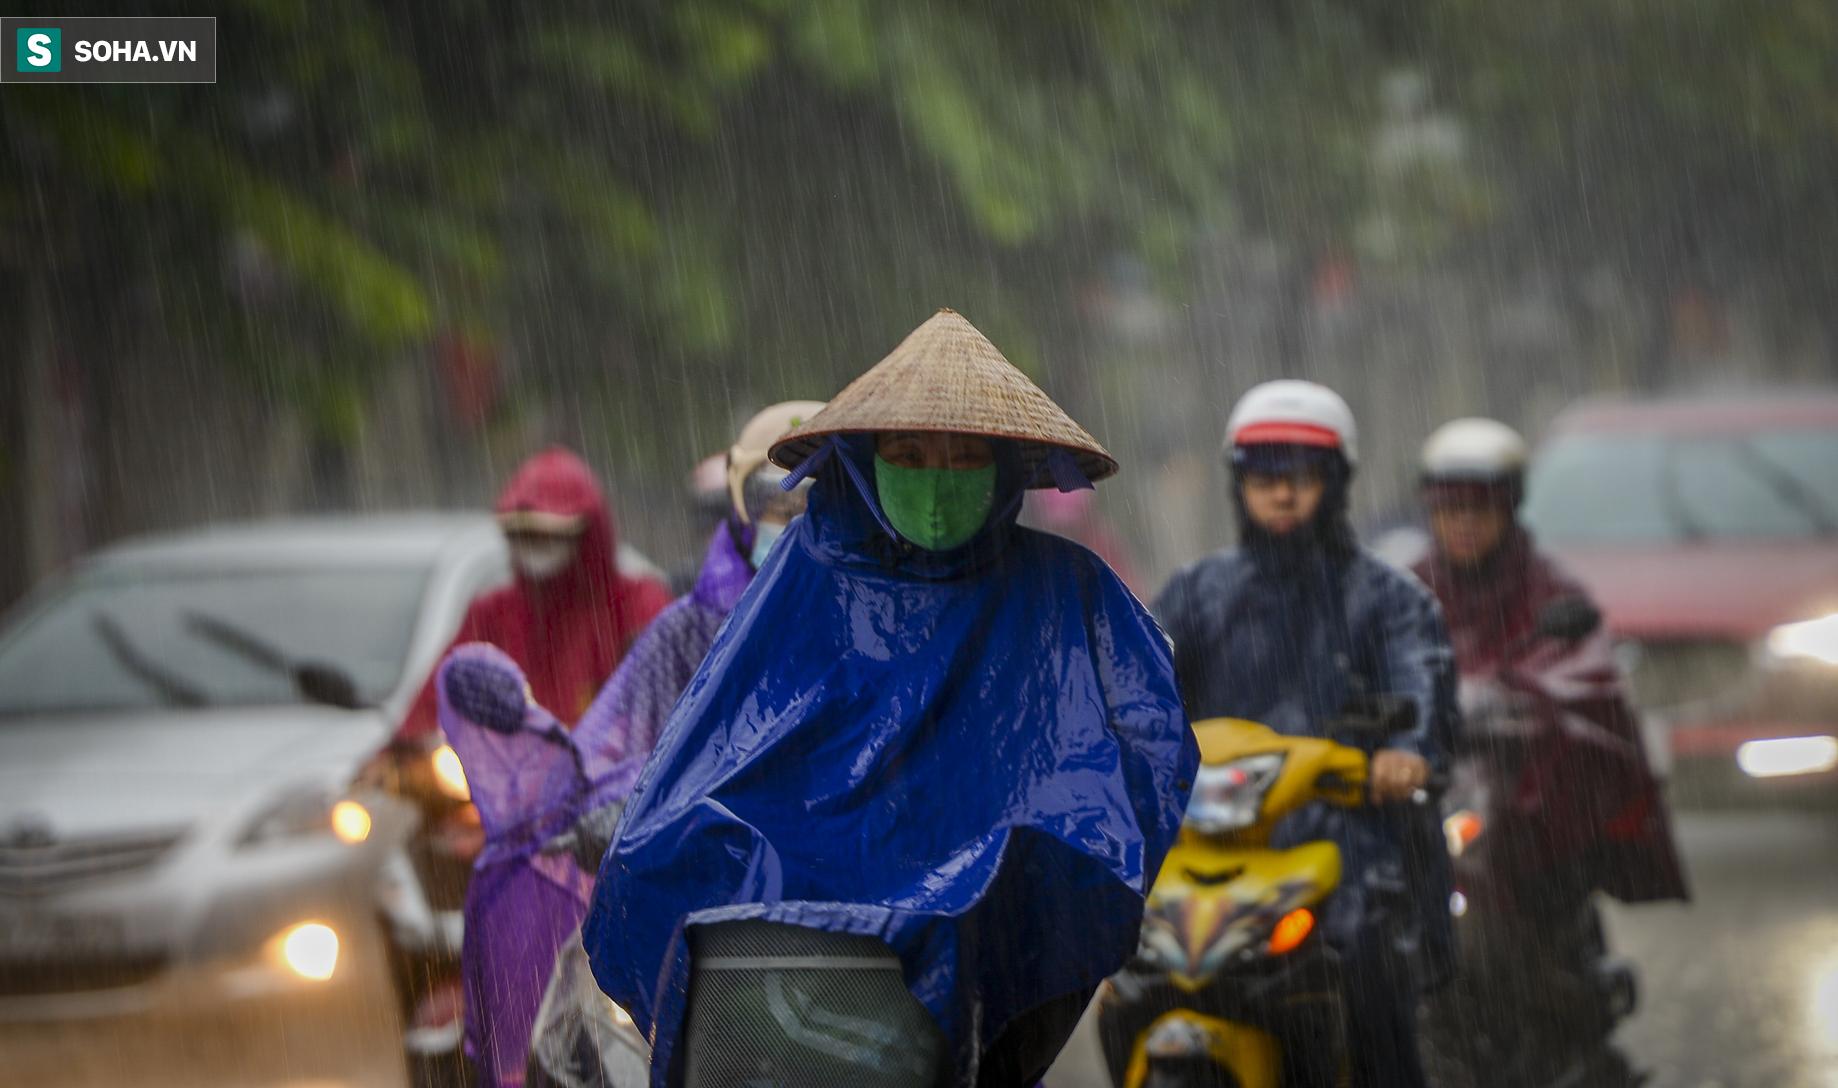 Hà Nội: Trận mưa rào lúc 8h sáng khiến trời tối sầm, nhiều phương tiện phải bật đèn để di chuyển - Ảnh 8.